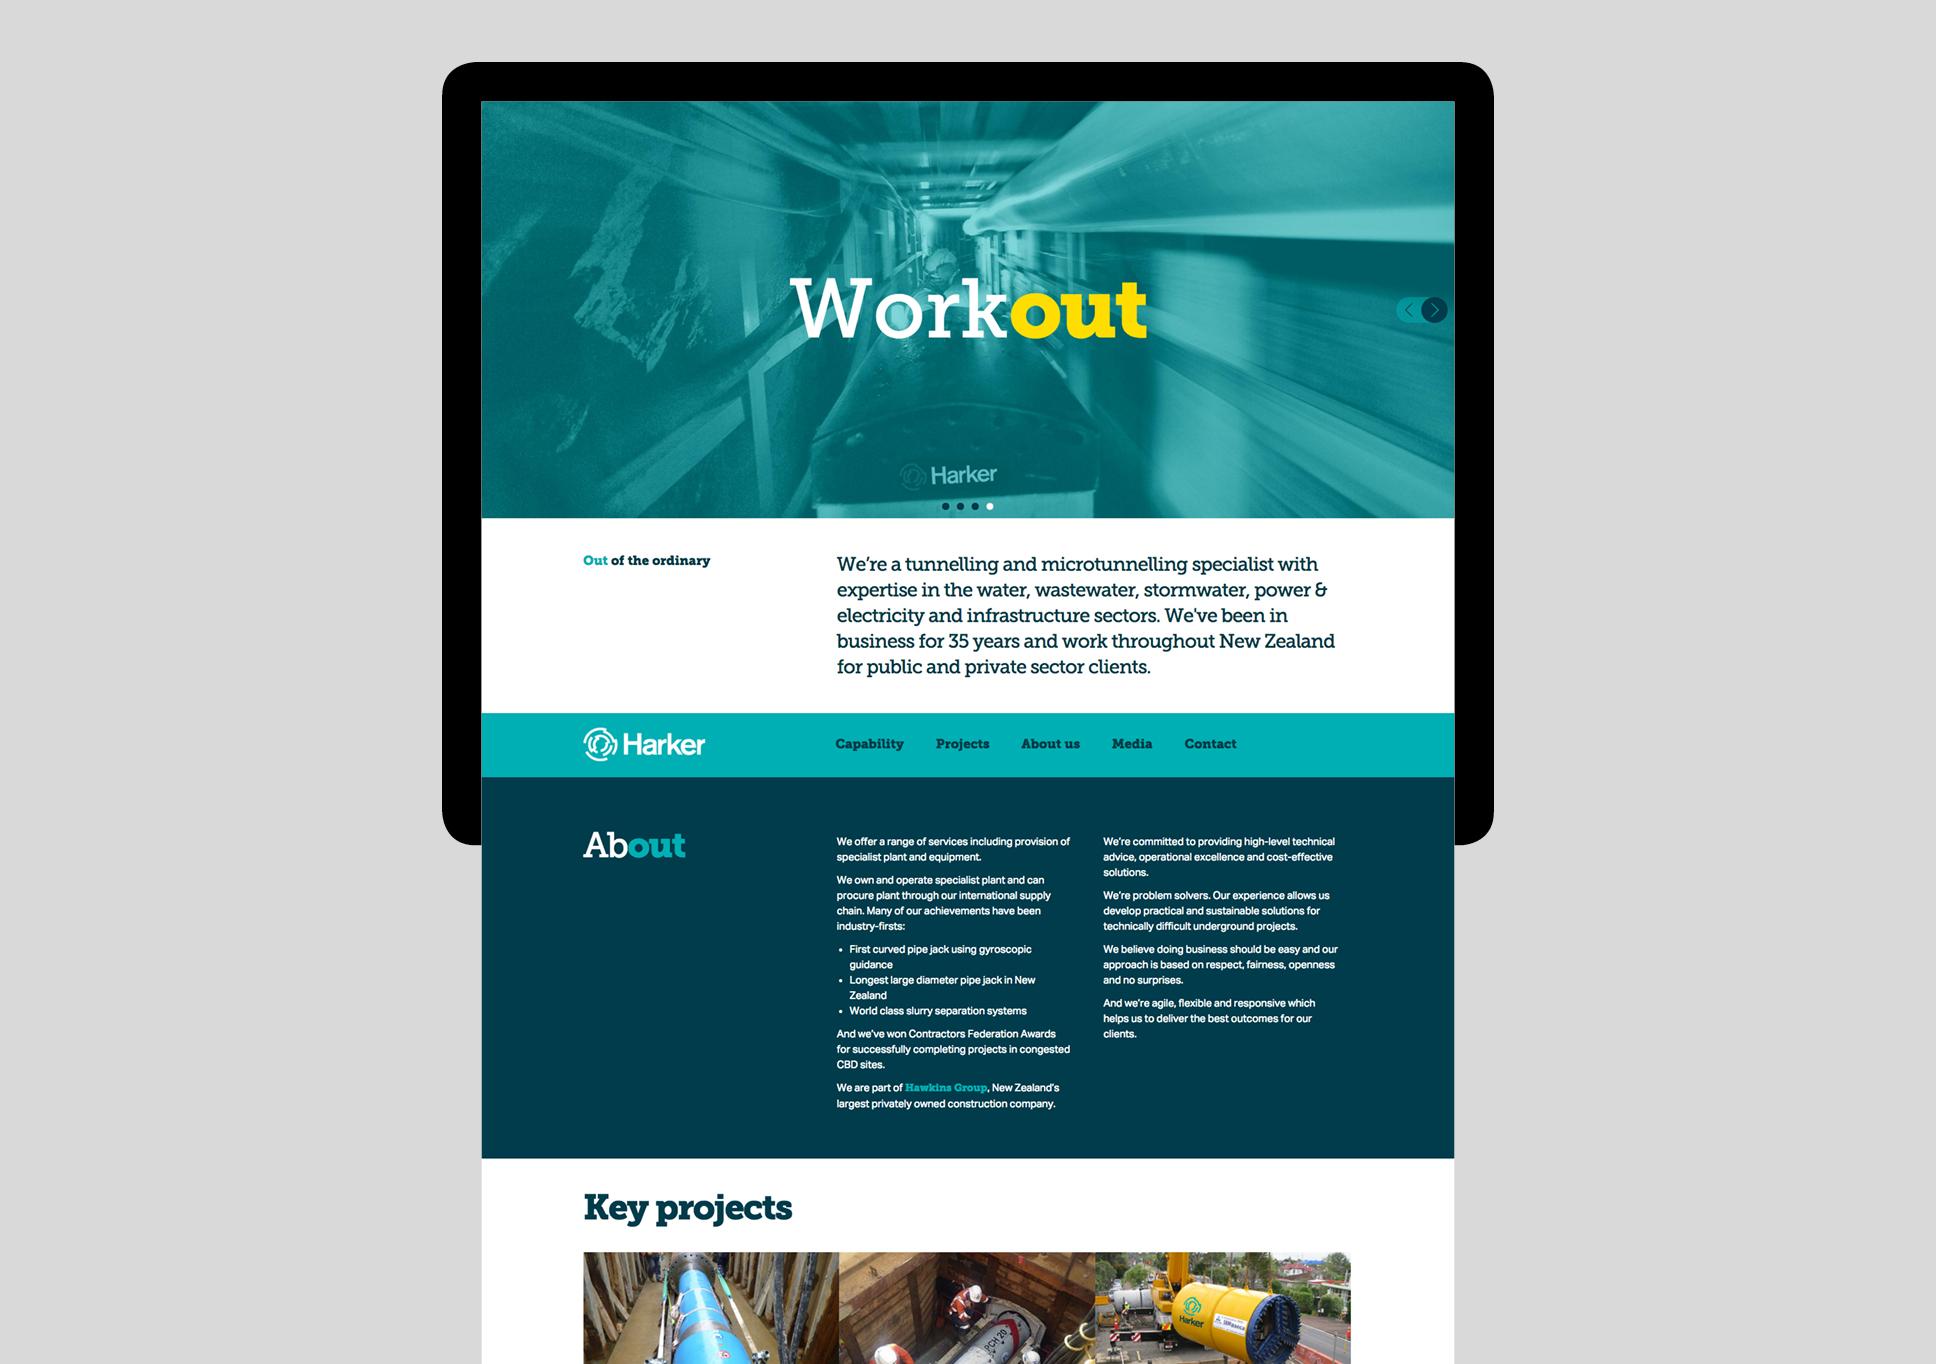 Harker website home page